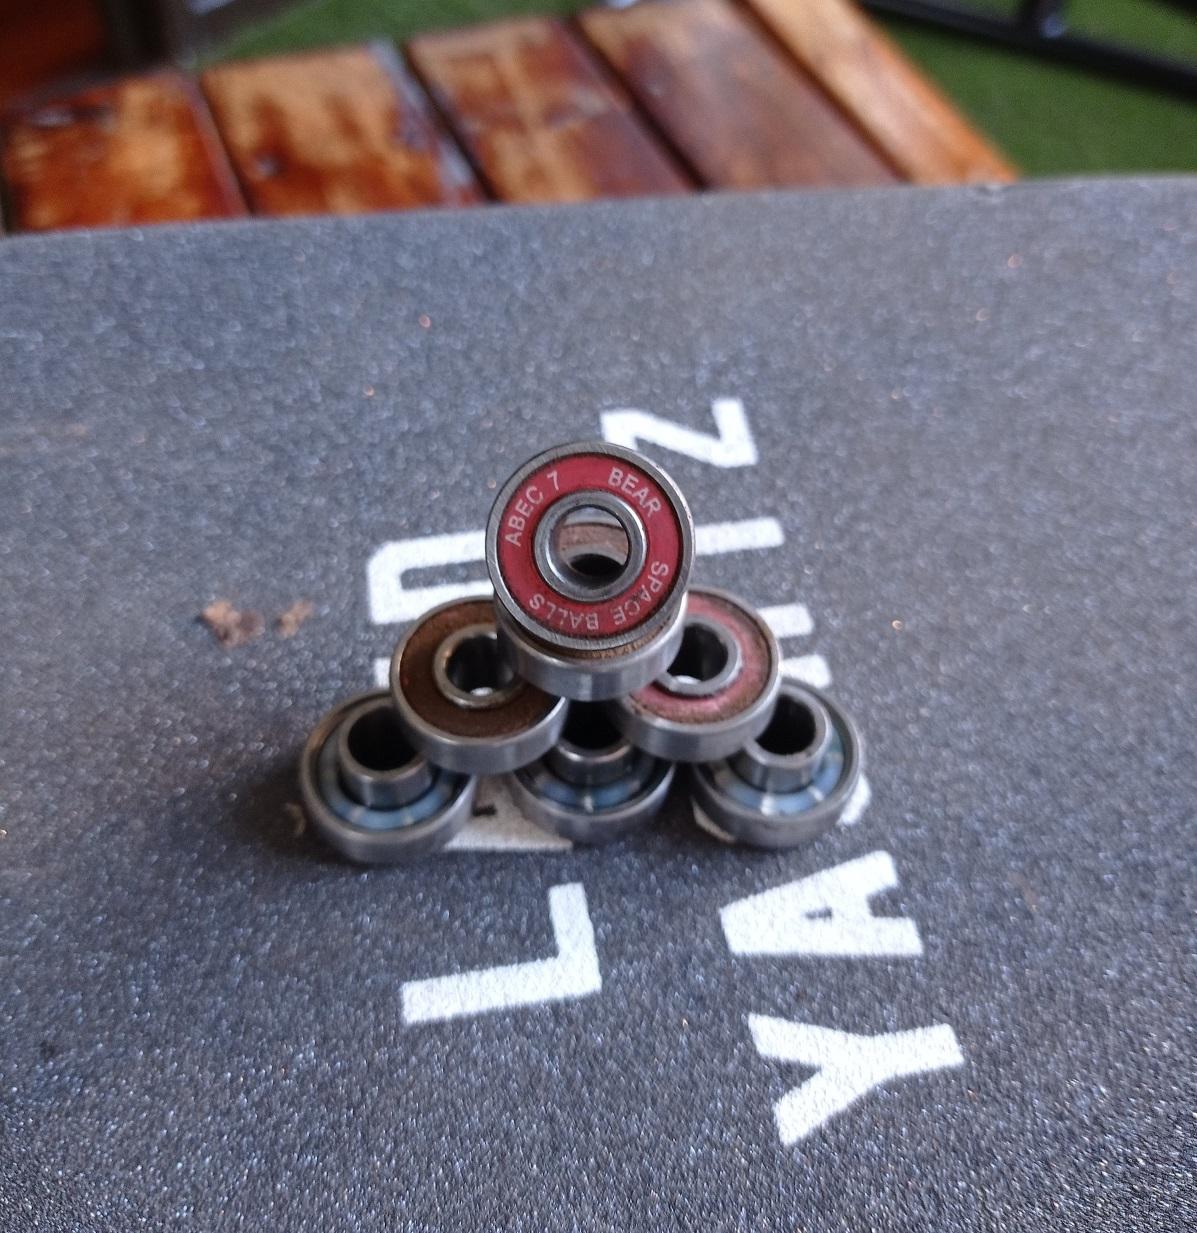 Bear spaceball bearings